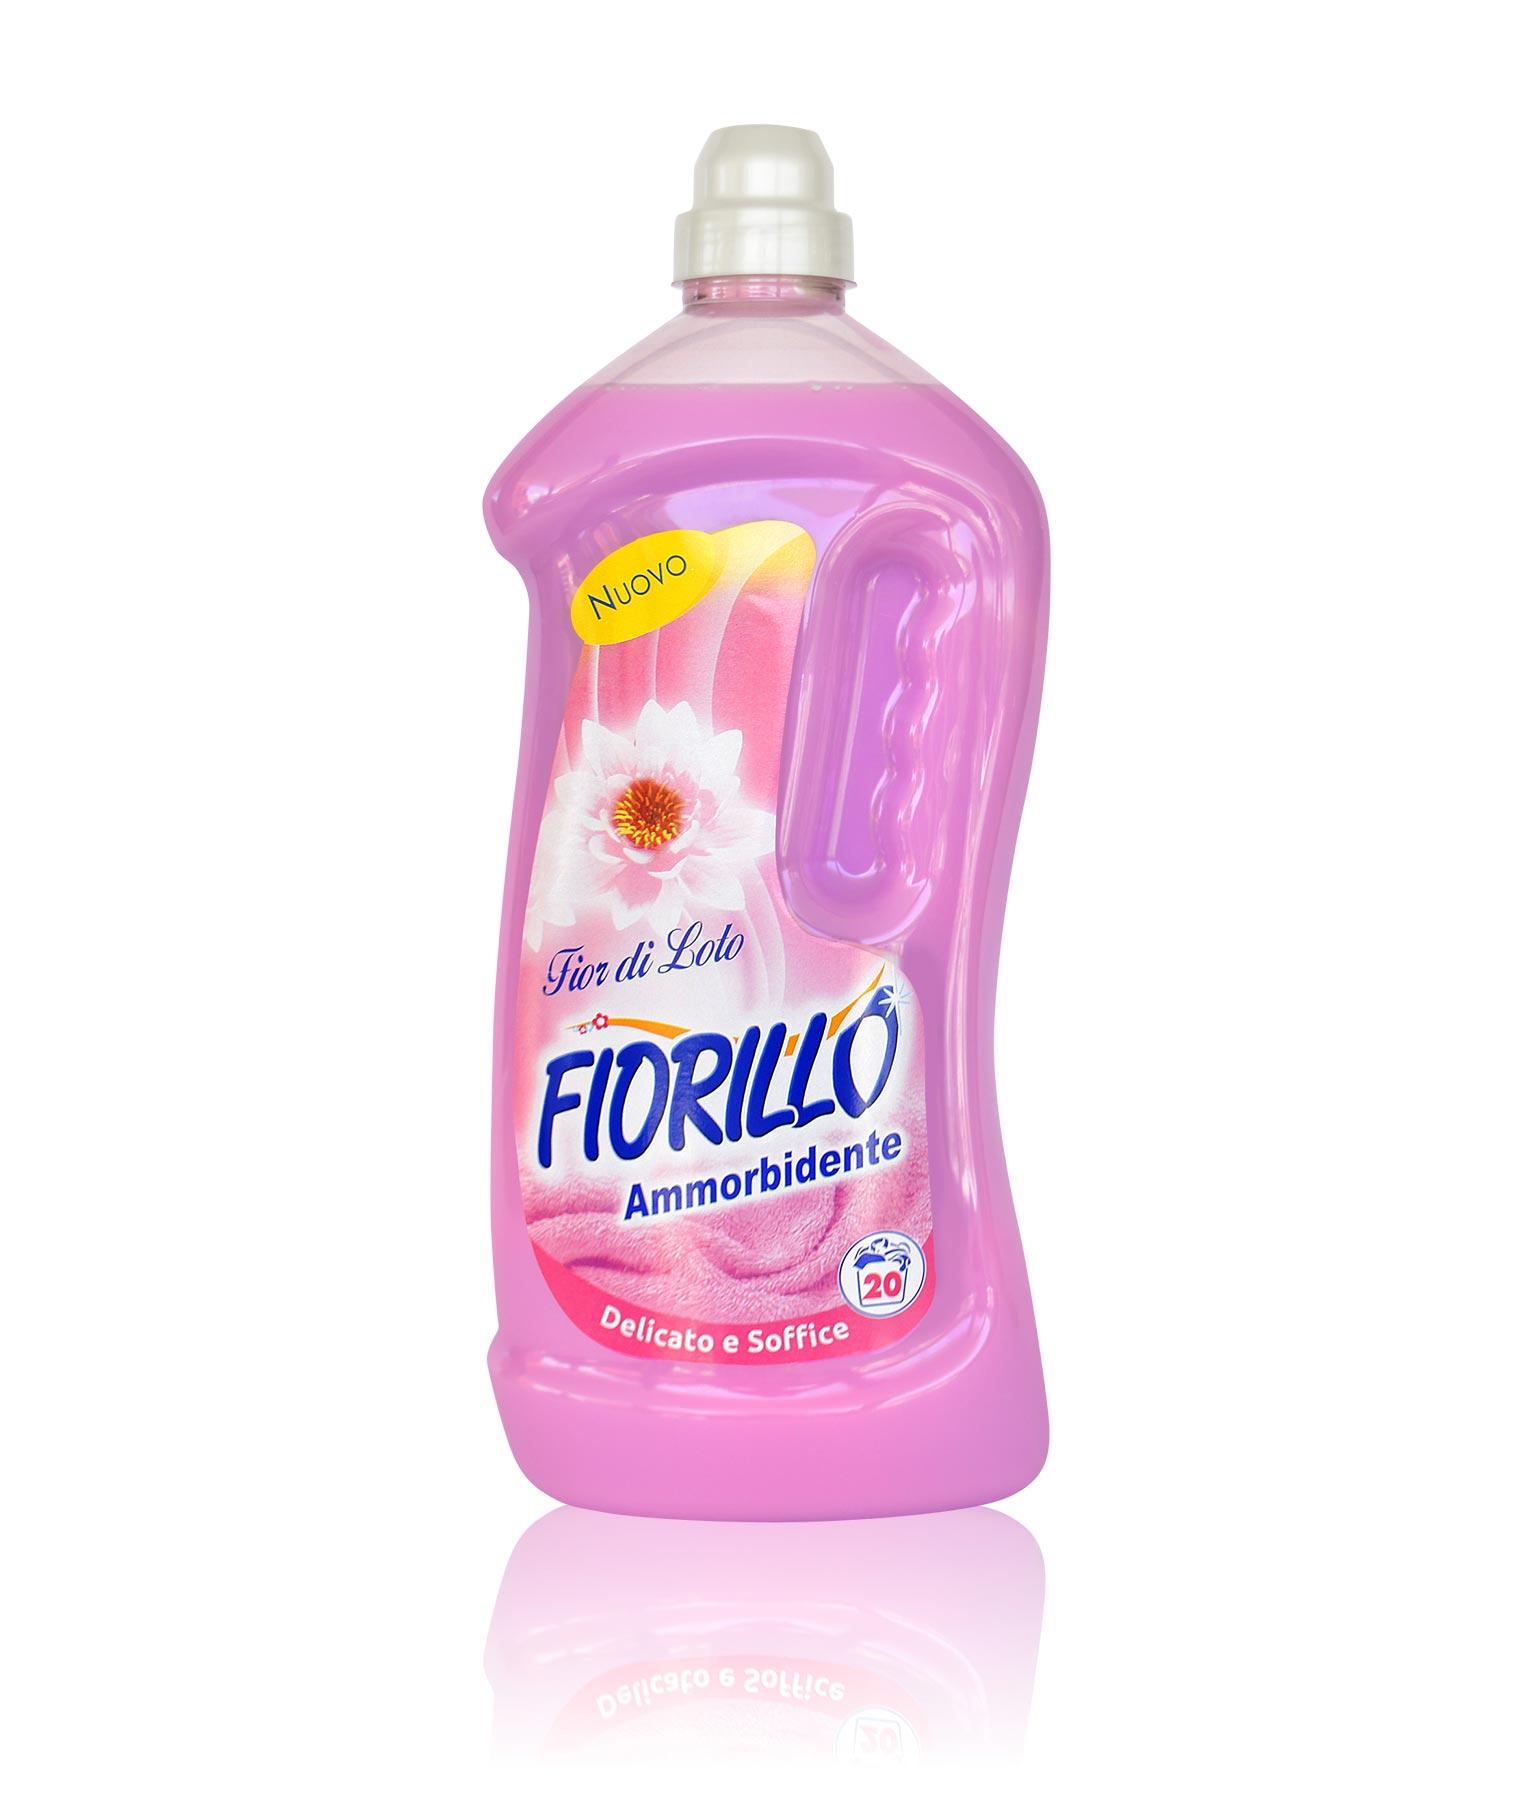 fiorillo ammorbidente fior di loto 1850 ml